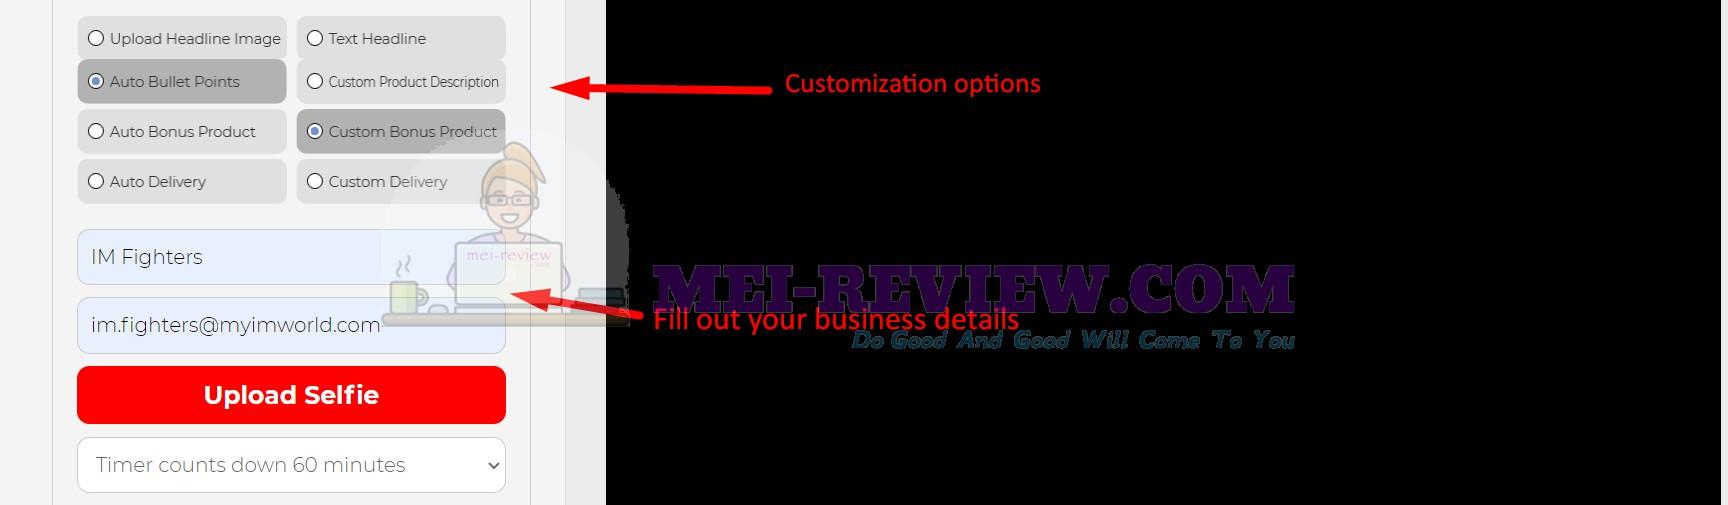 step-12-custom-options